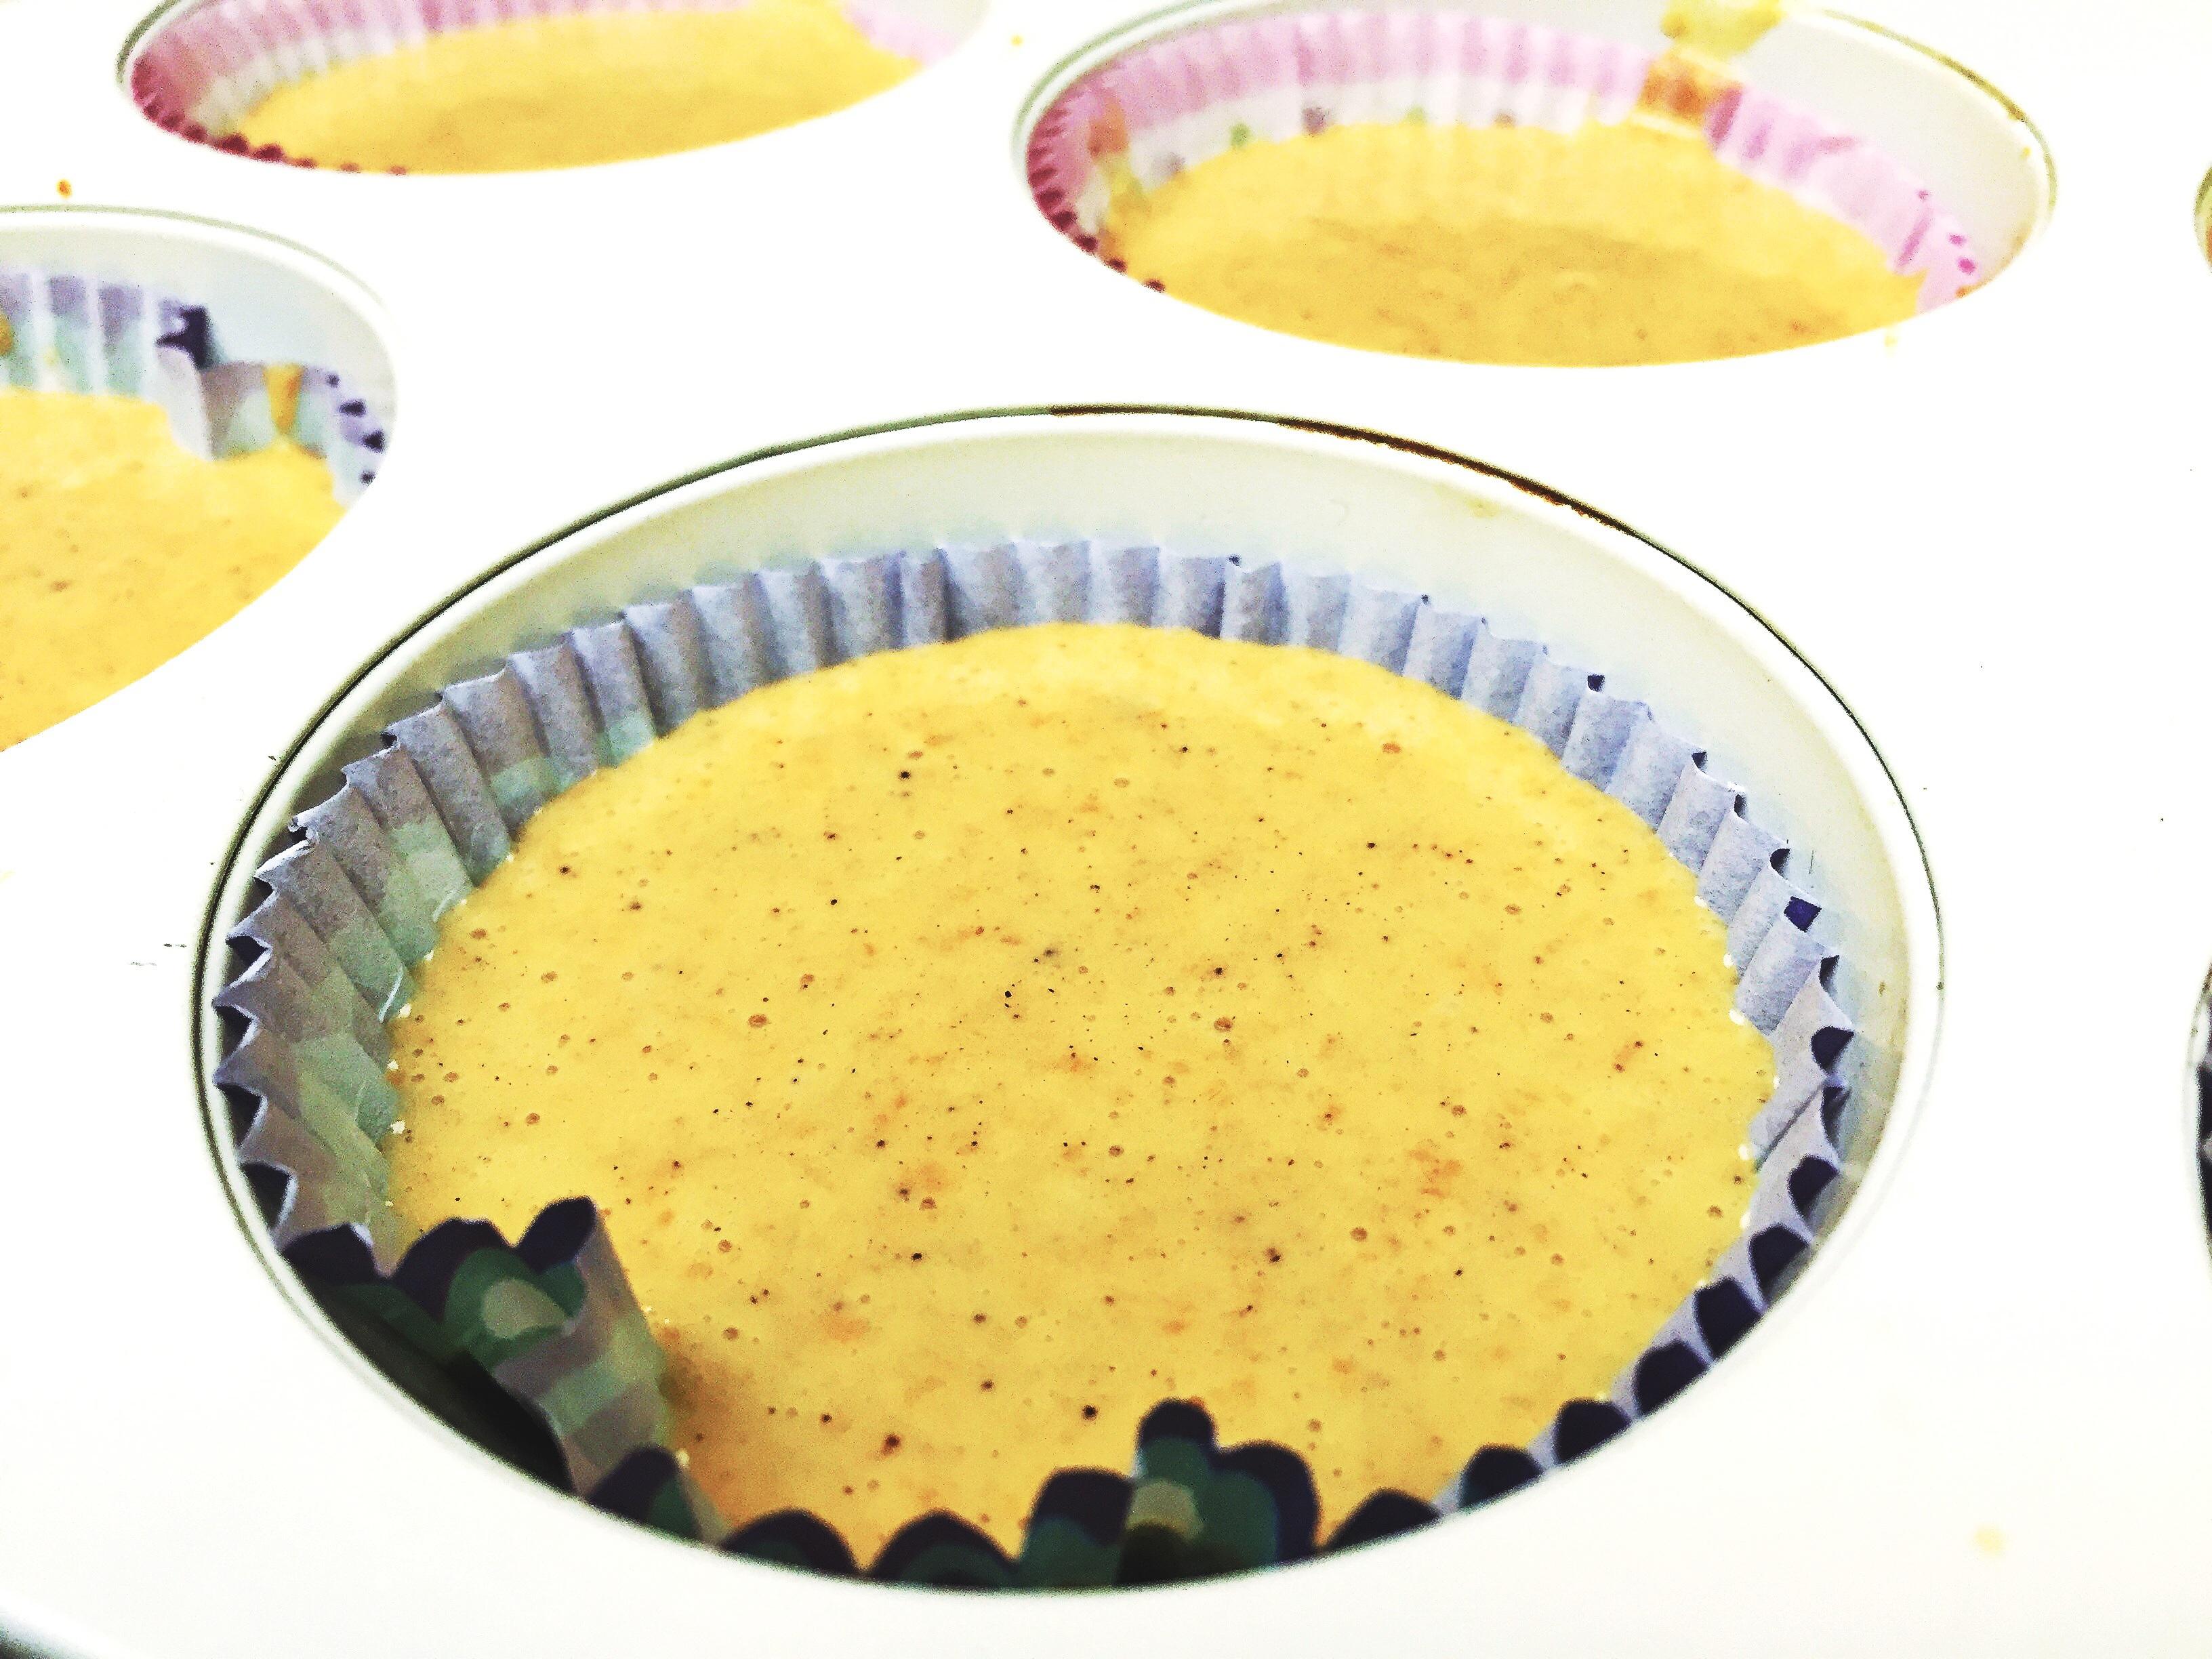 Într-un bol am pus 250g de făină, cîte o linguriță de bicarbonat de sodiu și scorțișoară + 100g zahăr brun și jum. de linguriță de sare. În alt vas am amestecat 2 ouă cu 120 ml de ulei de floarea soarelui, 80 ml lapte și 250g dovleac copt + 1 linguriță de esență de vanilie. Am mixat apoi toate îngredientele și le-am pus la copt pentru 15-17 min. la 180 de grade.